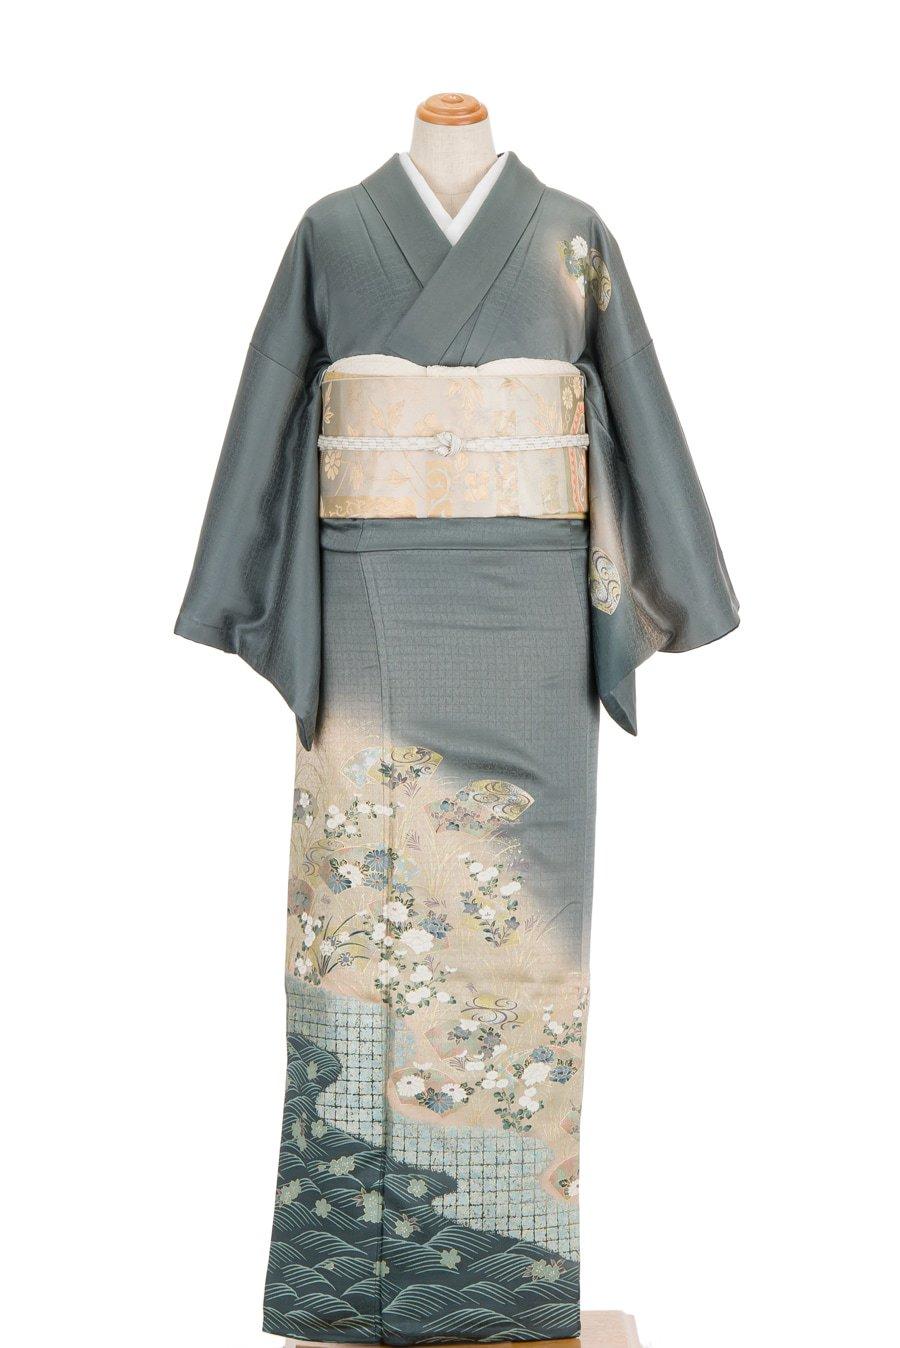 「訪問着 扇面 波に桜」の商品画像